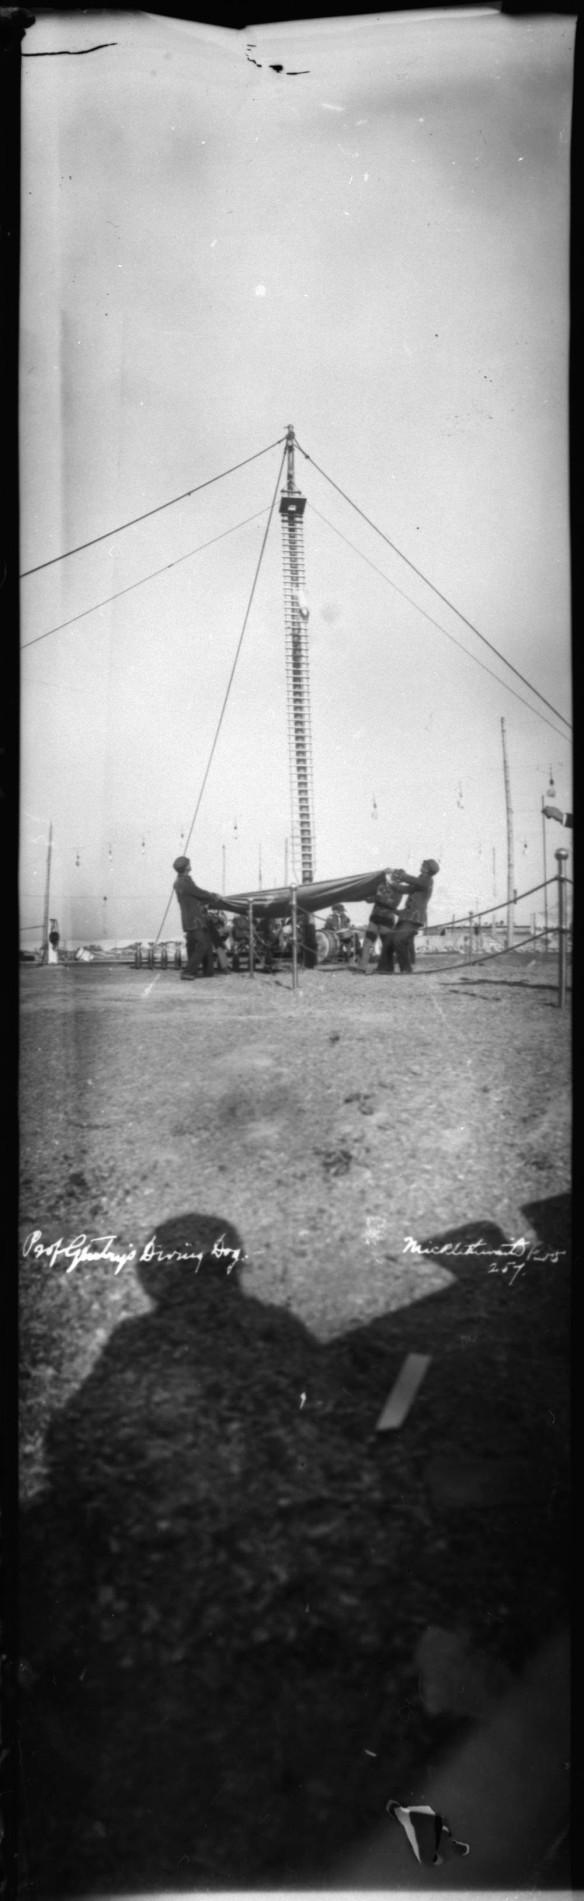 Photo noir et blanc d'un chien de cirque sautant d'une plateforme au sommet d'un très long poteau; au sol, quatre hommes tendent une grande couverture pour l'attraper.